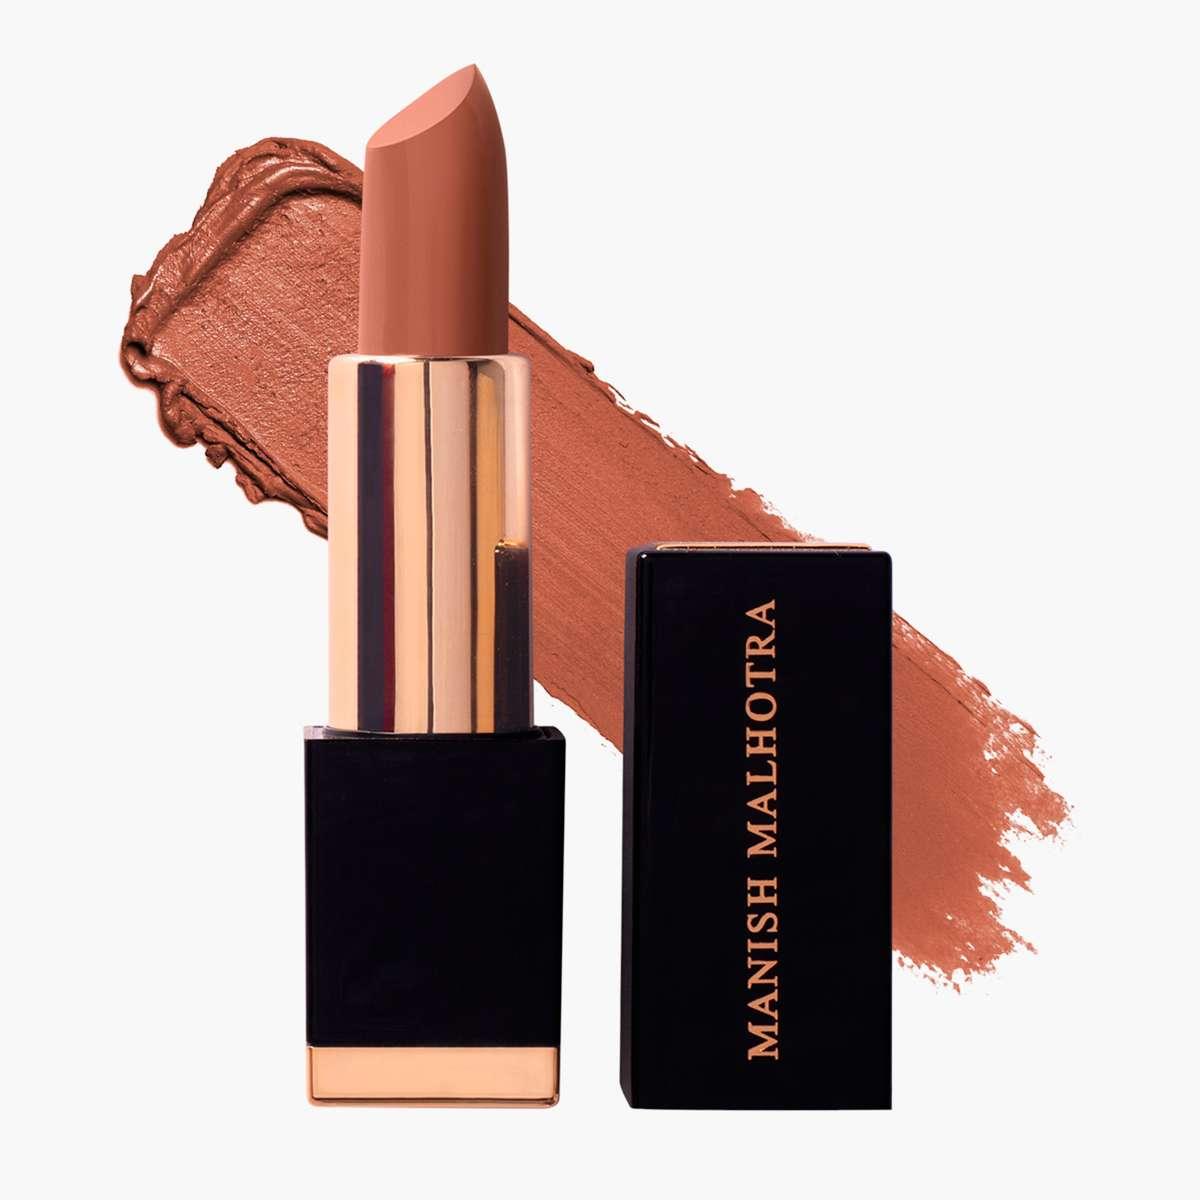 2. MYGLAMM Manish Malhotra Hi-Shine Lipstick